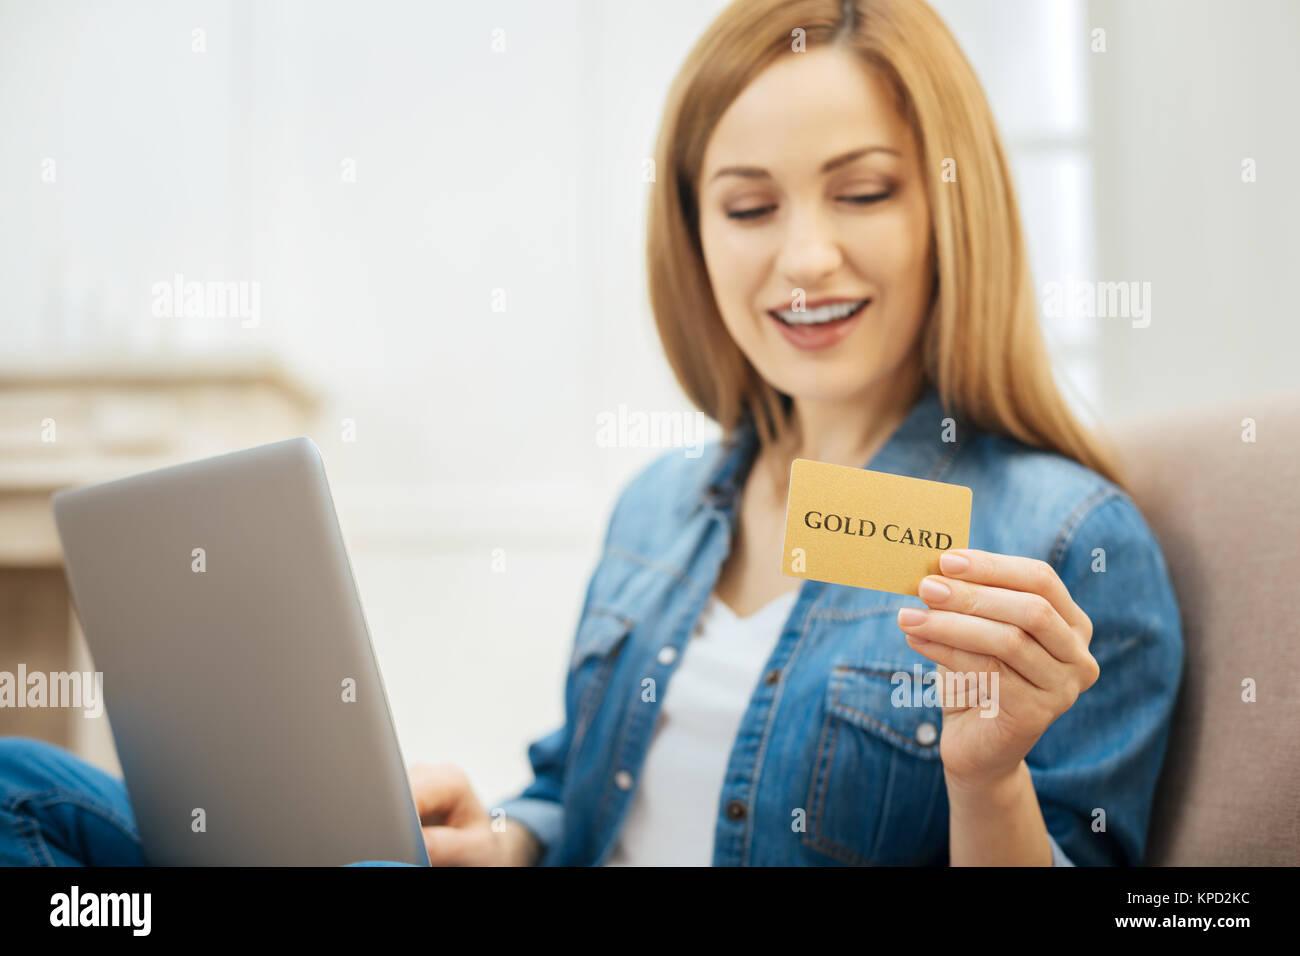 Mujer mirando su alerta gold card Imagen De Stock